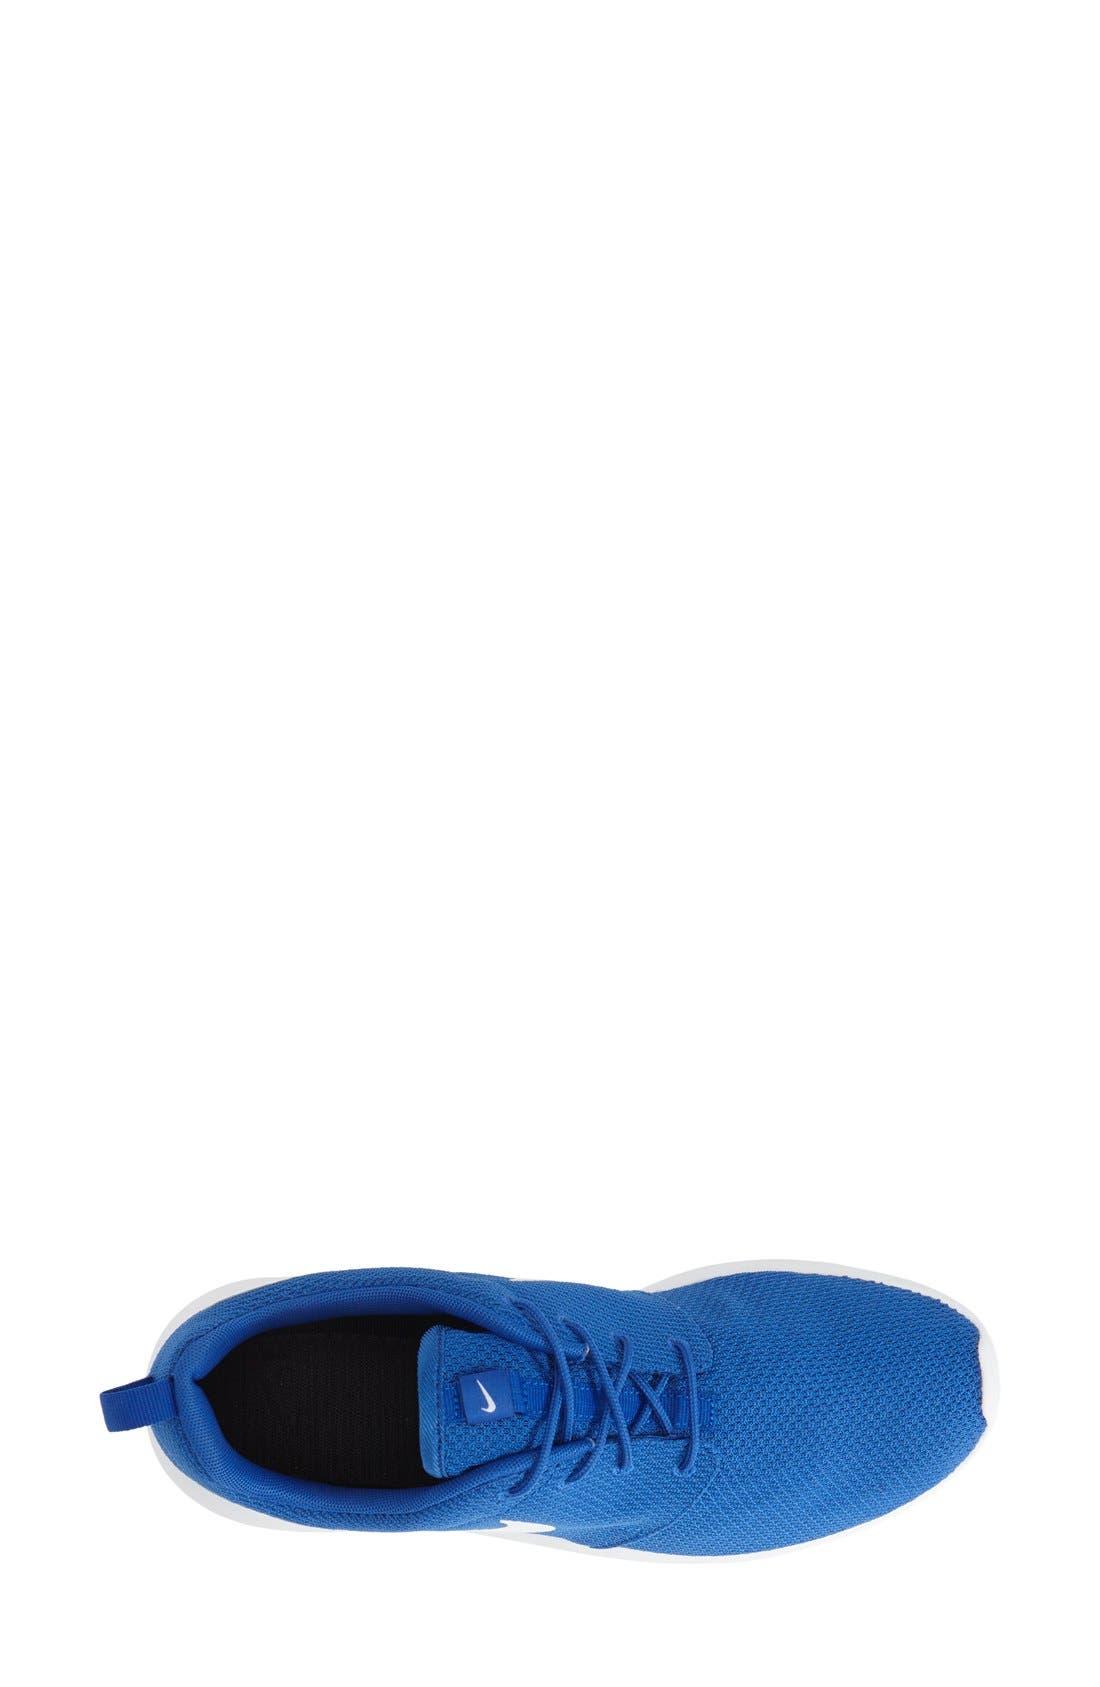 ,                             'Roshe Run' Sneaker,                             Alternate thumbnail 113, color,                             416